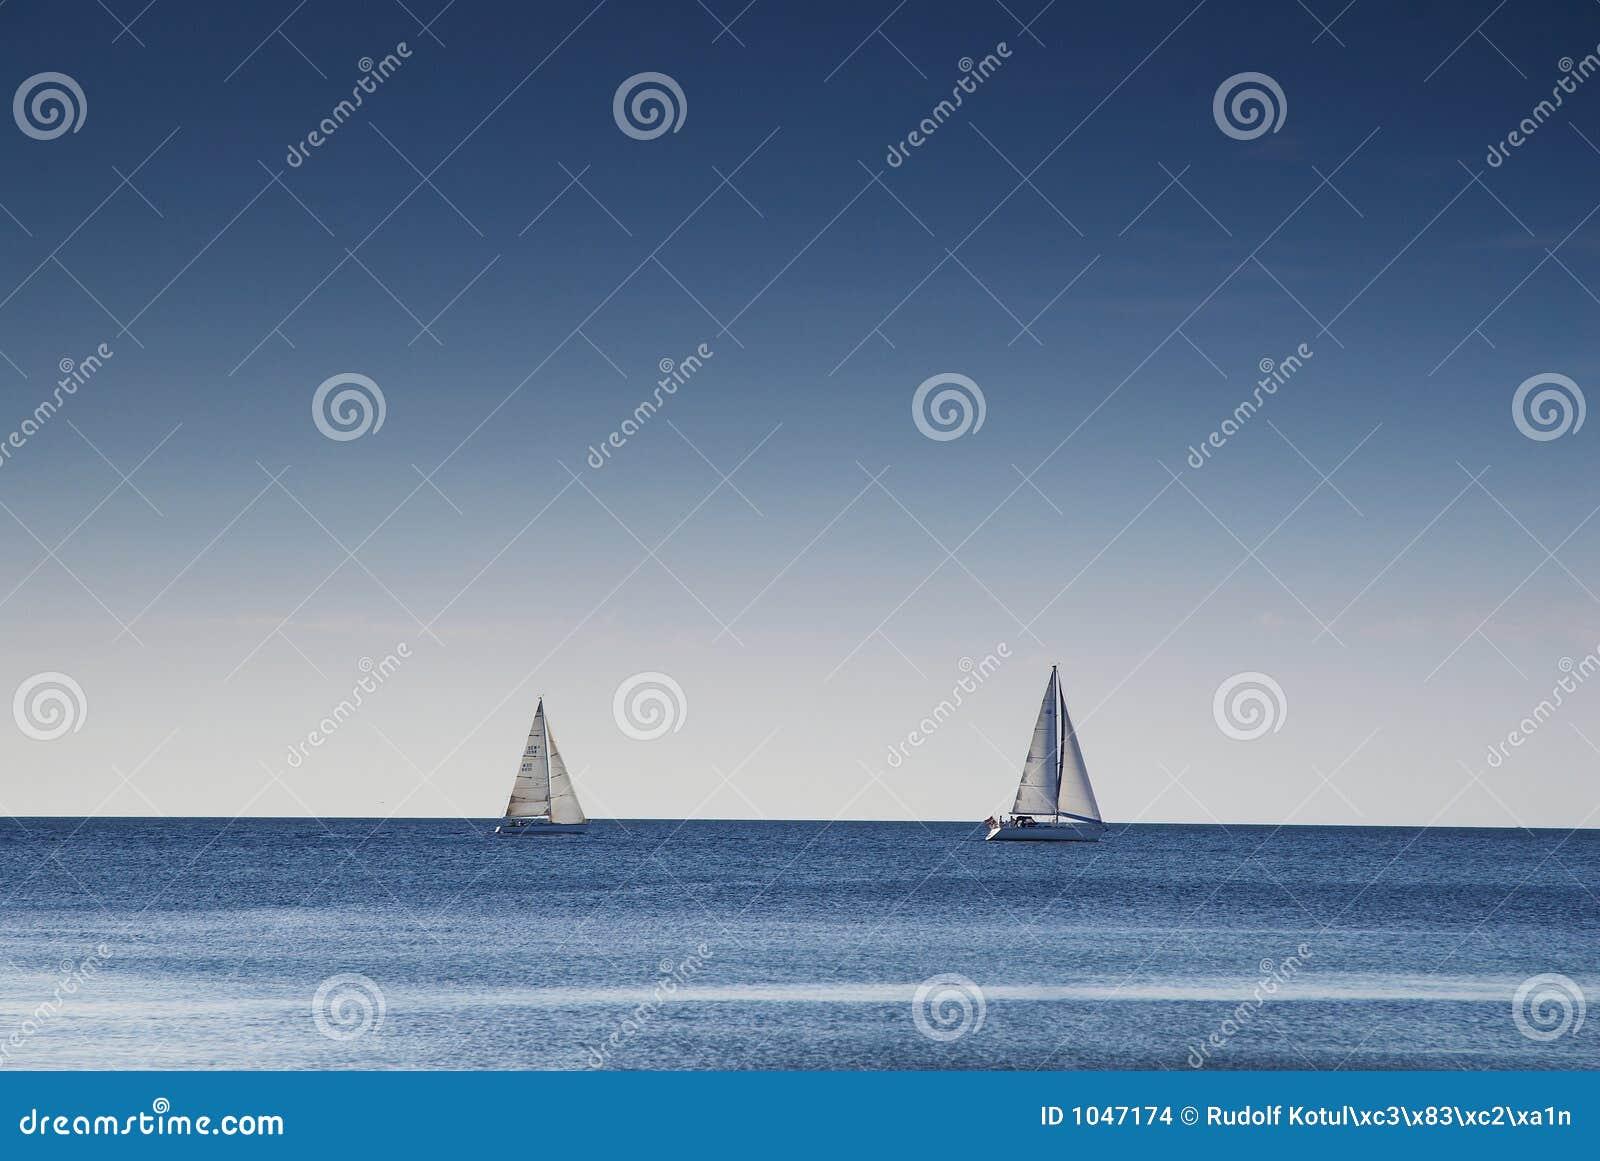 Barco de navigação dois